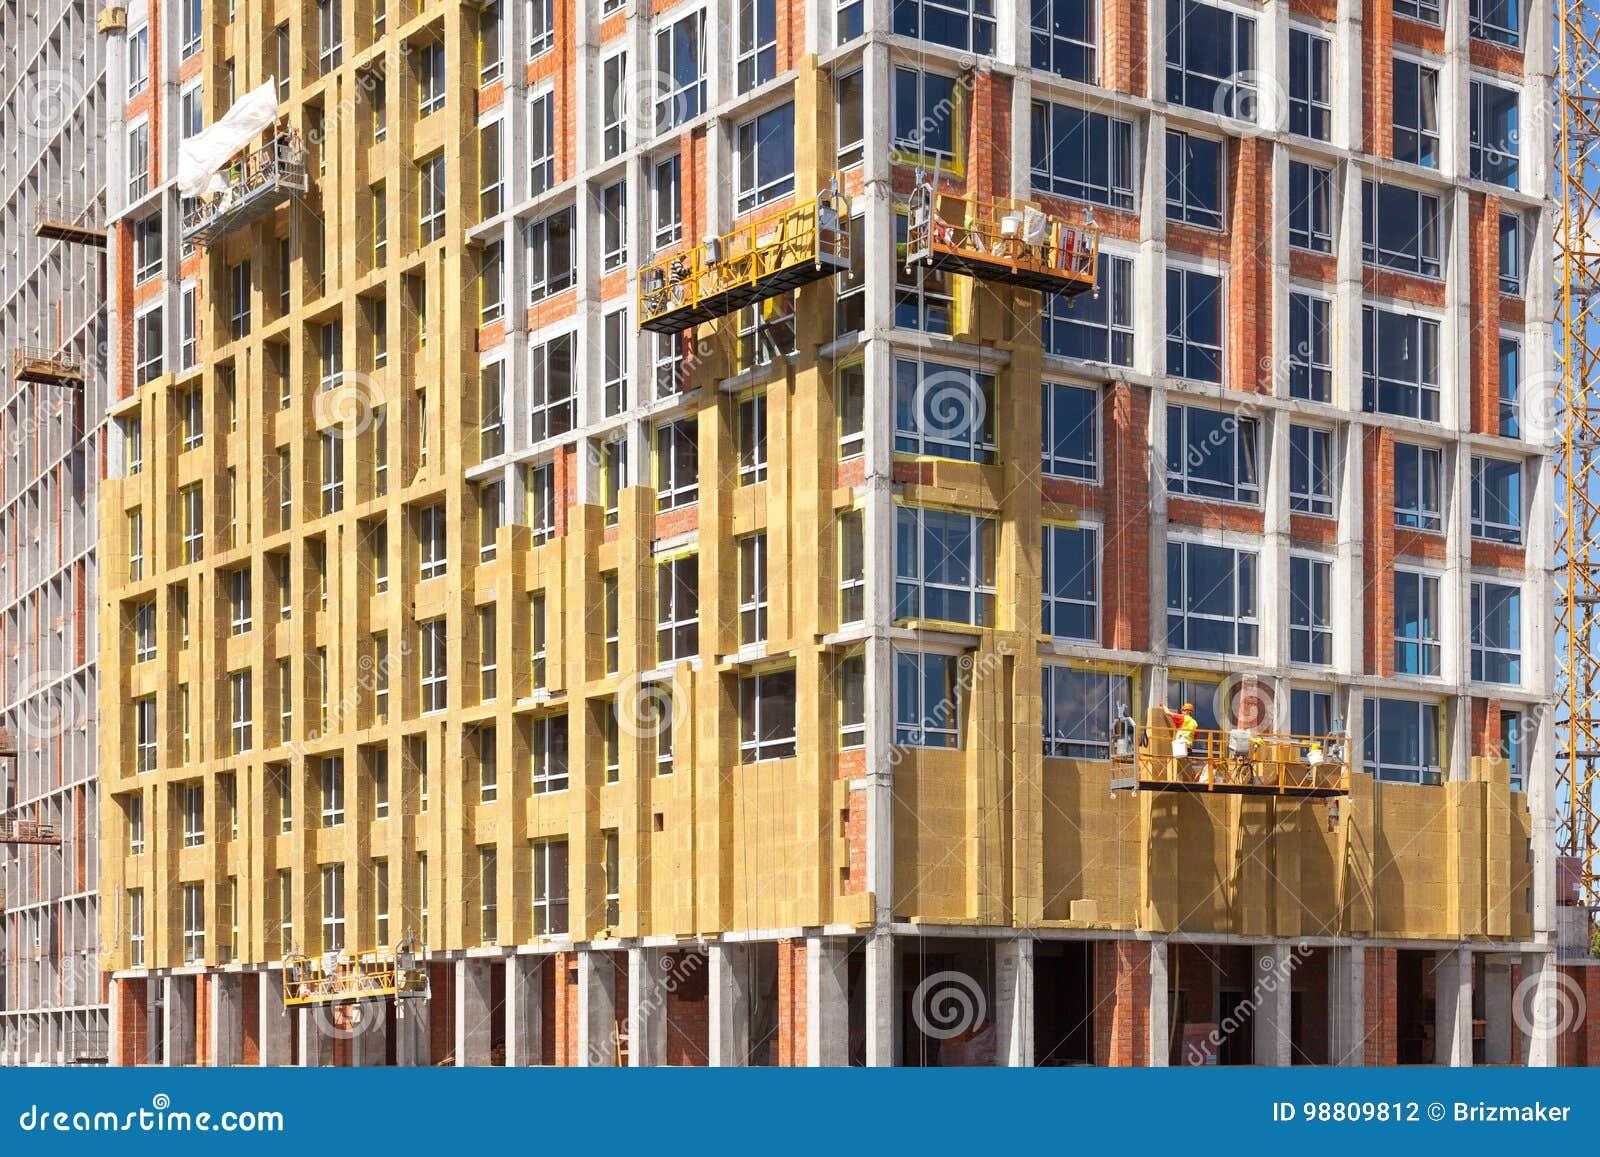 How to assemble an AGT facade 58